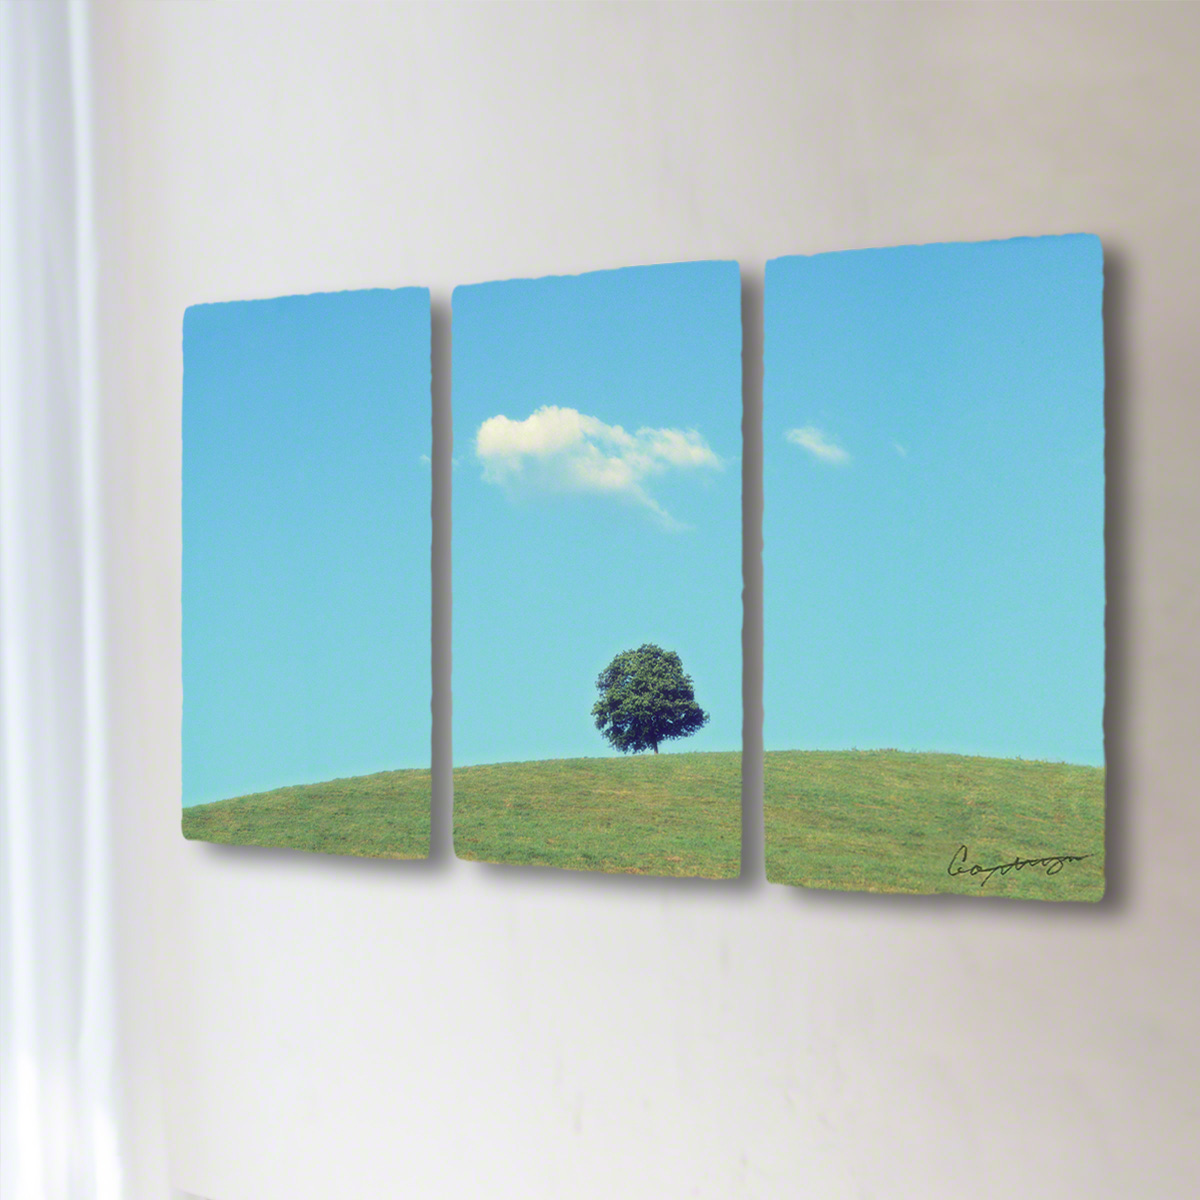 和紙 手作り アートパネル 3枚続き 「丘の上の木とはぐれ雲」(96x54cm) 絵画 絵 ポスター 壁掛け モダン アート 和風 オリジナル インテリア 風景画 ランキング おすすめ おしゃれ 人気 キッチン リビング ダイニング 玄関 和室